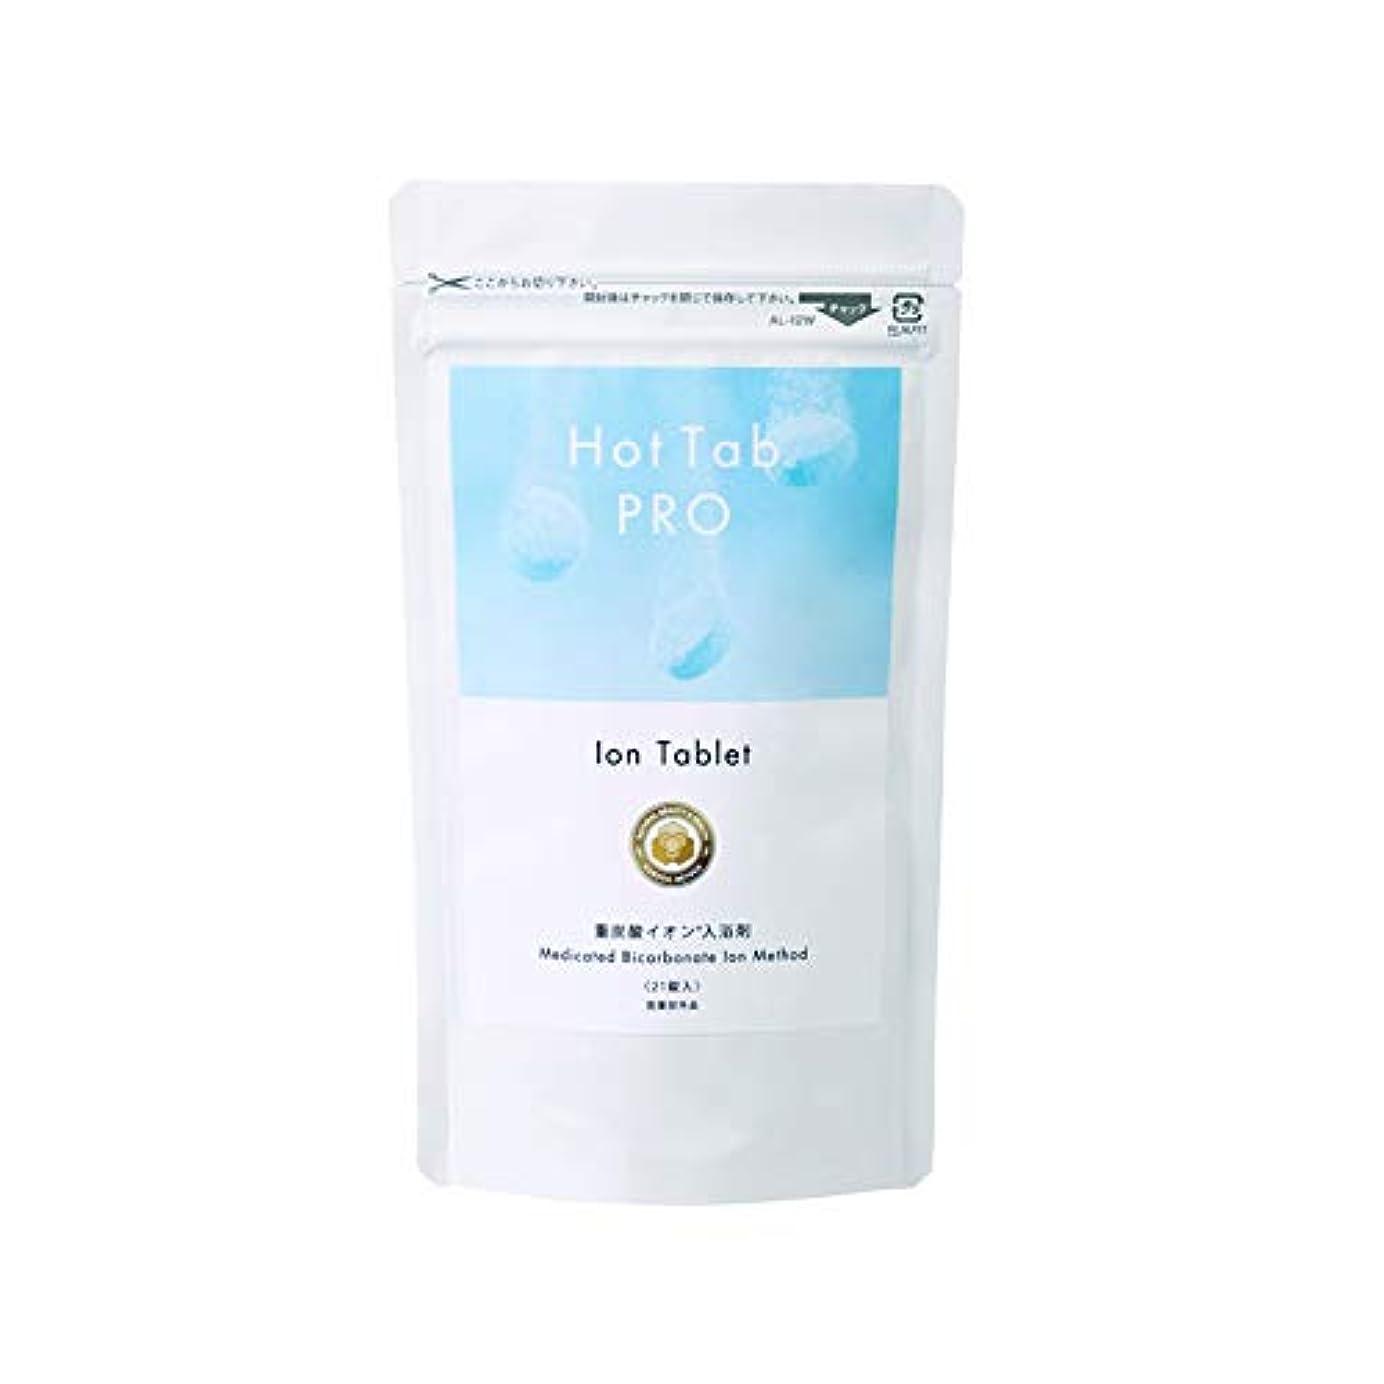 暴露パットりんご最新型 日本製なめらか重炭酸入浴剤「ホットタブPro」(デリケートな肌でも安心 無香料 無着色 中性pH) (21錠セット)